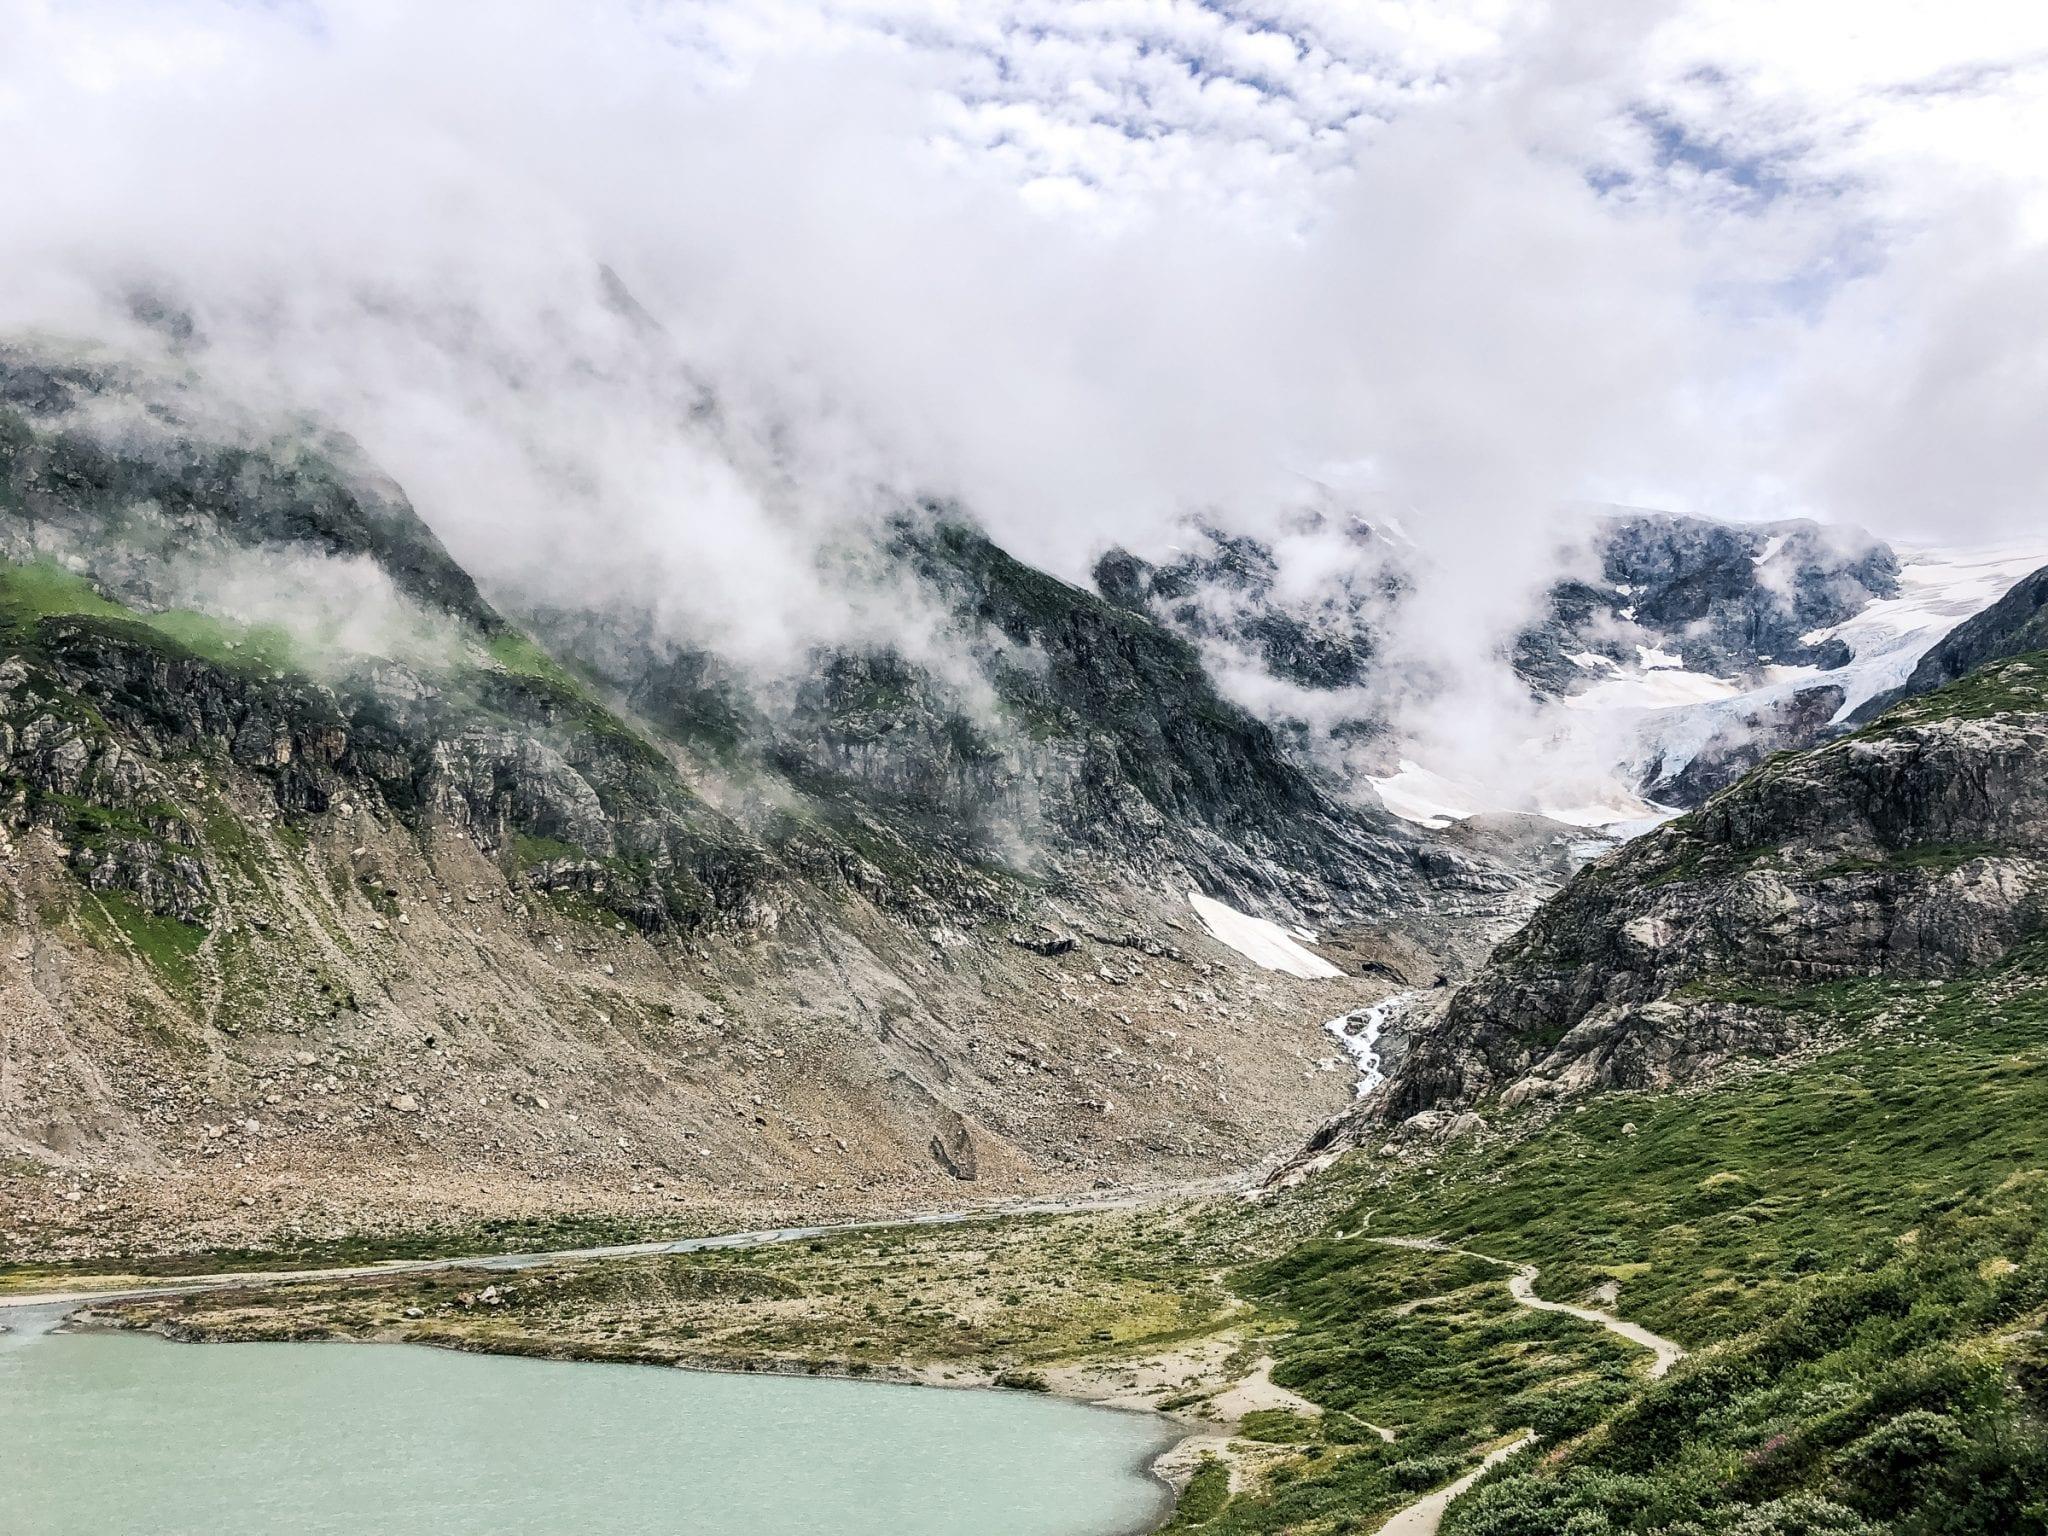 Tierberglihutte-Zwitserland-Steinsee